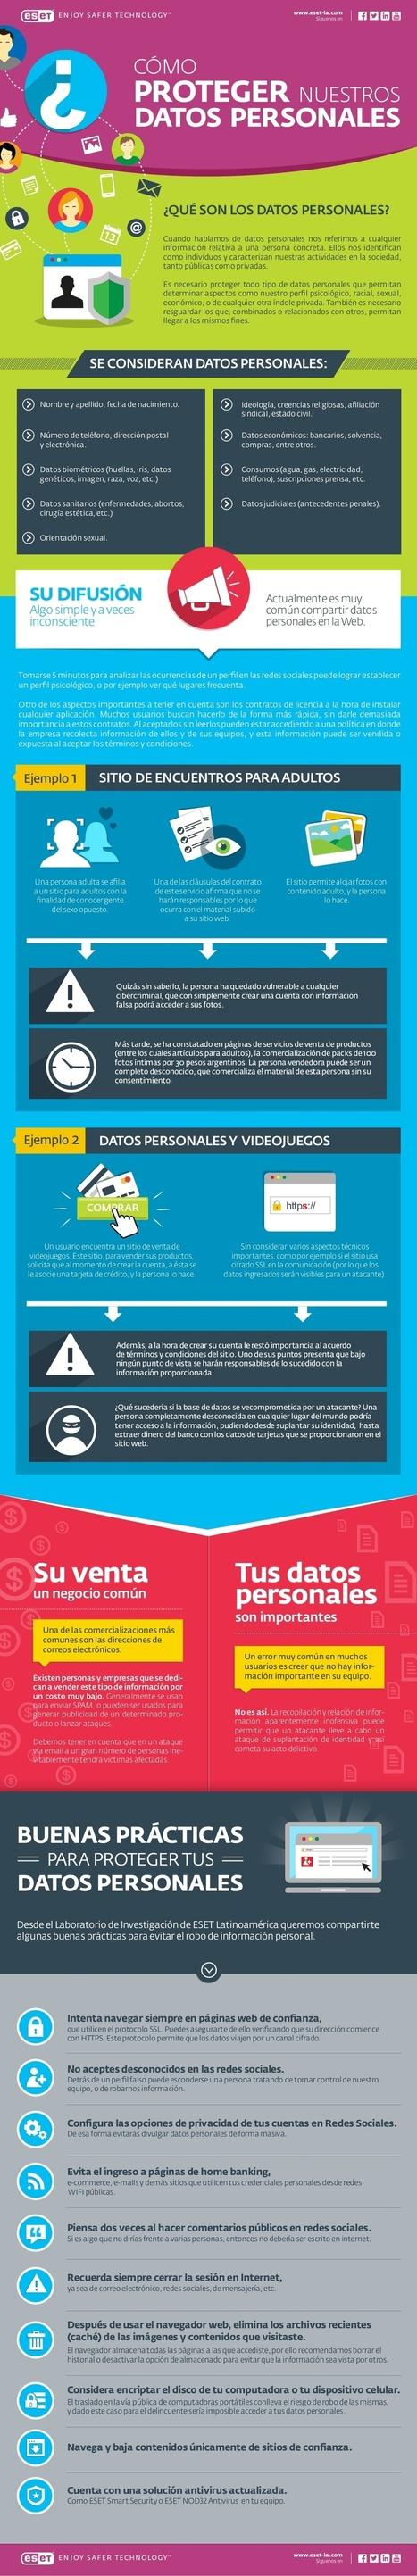 Cómo Proteger Nuestros Datos Personales | Social Media e Innovación Tecnológica | Scoop.it